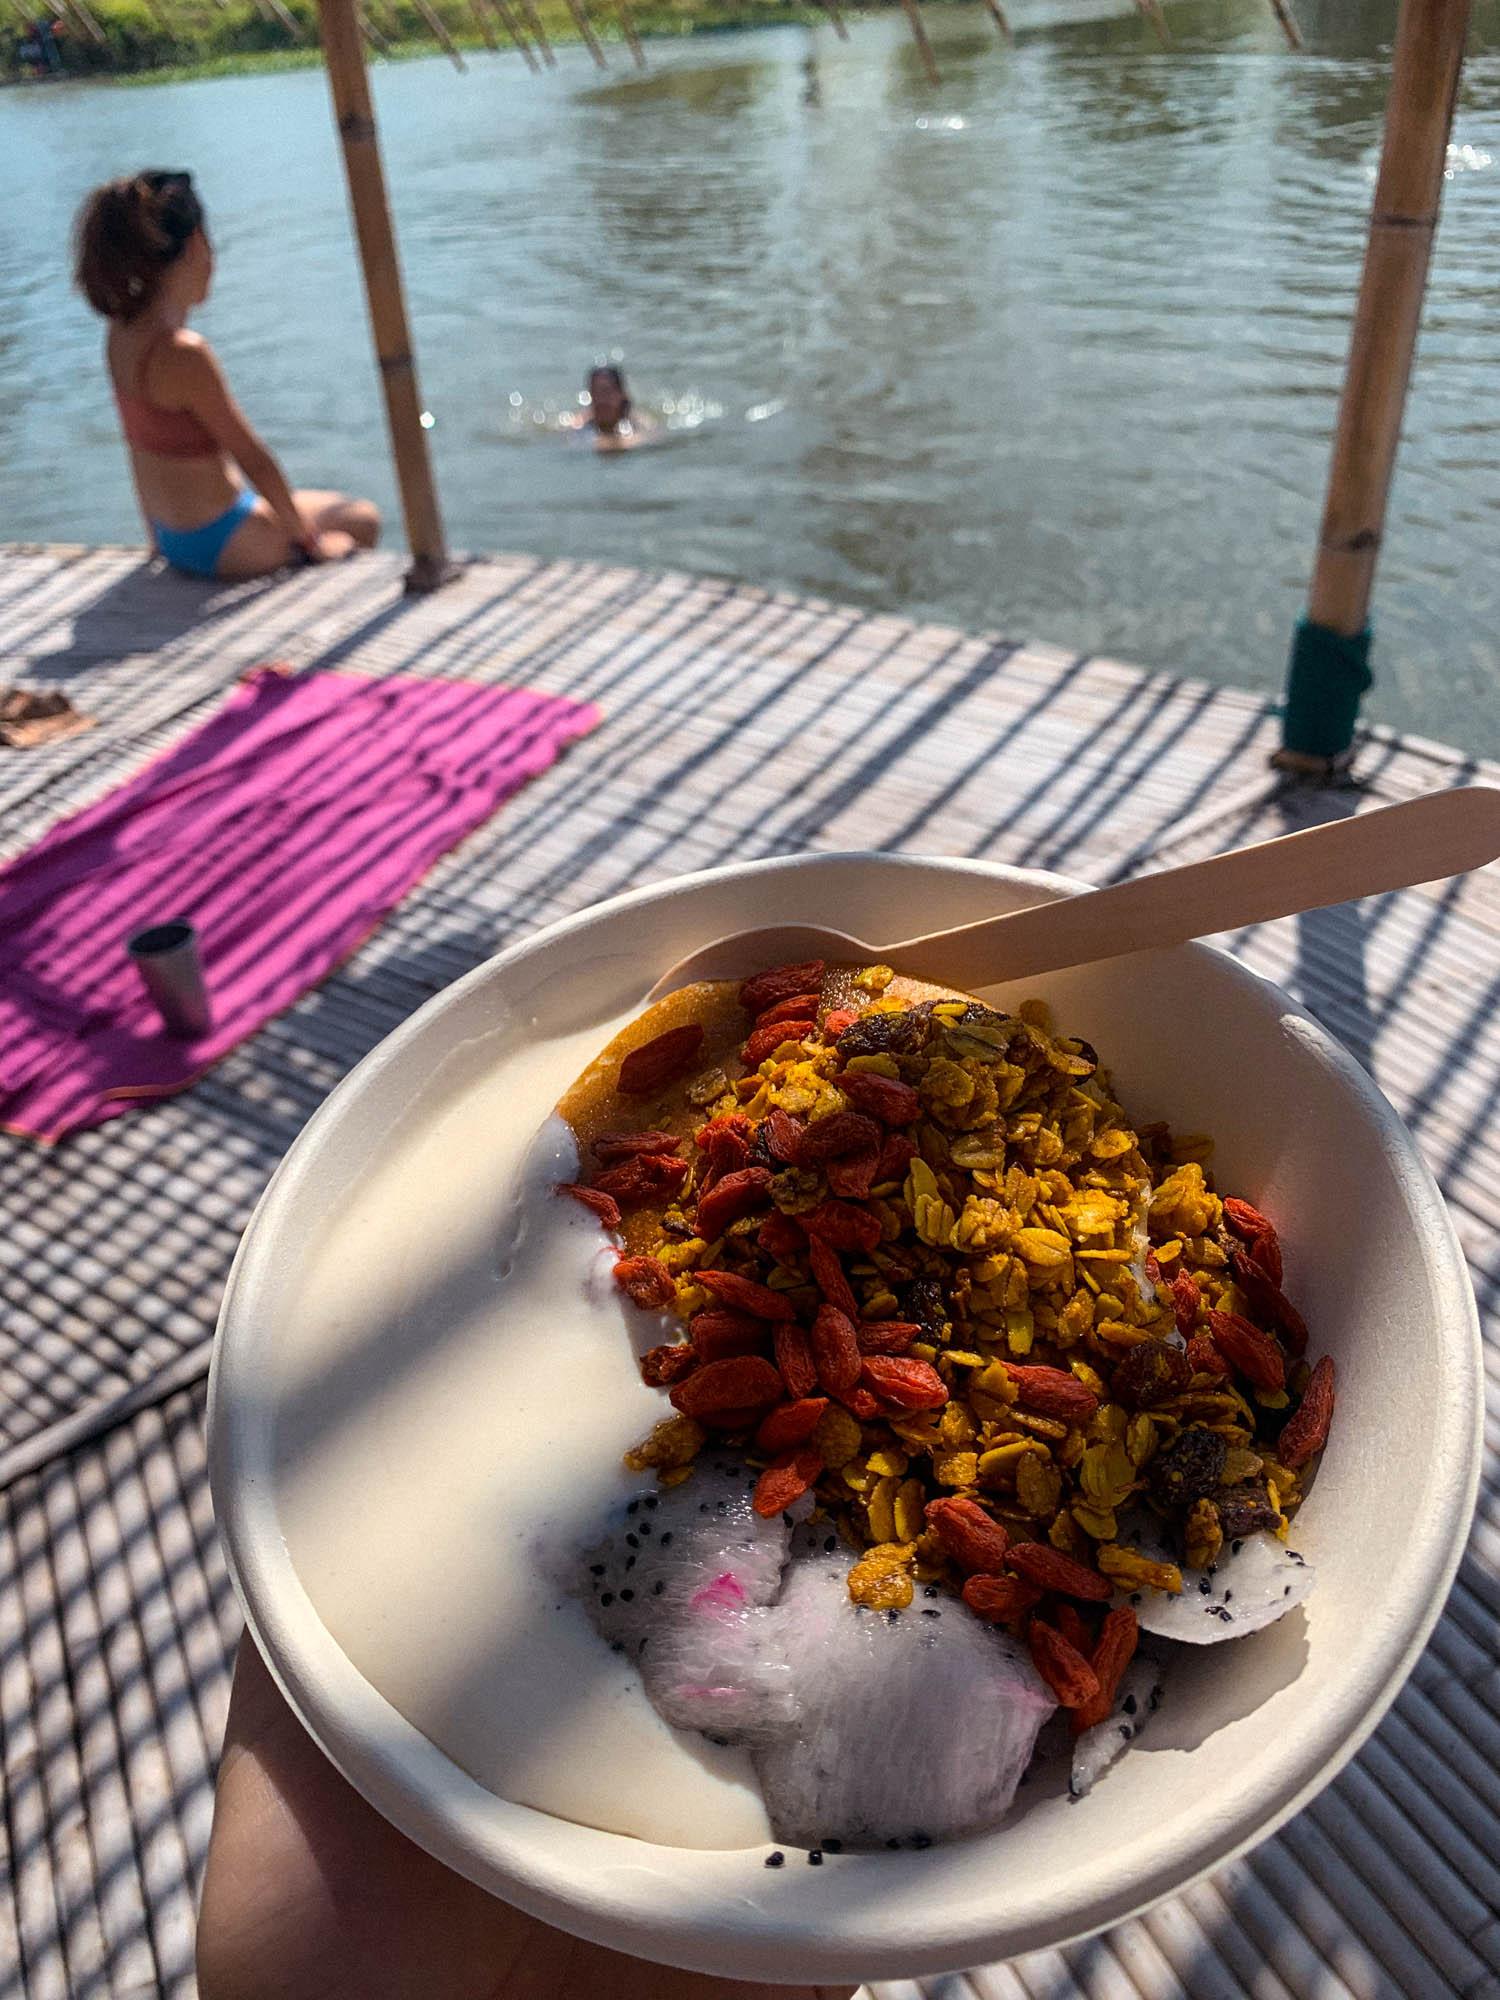 Swimming at Wonderfruit